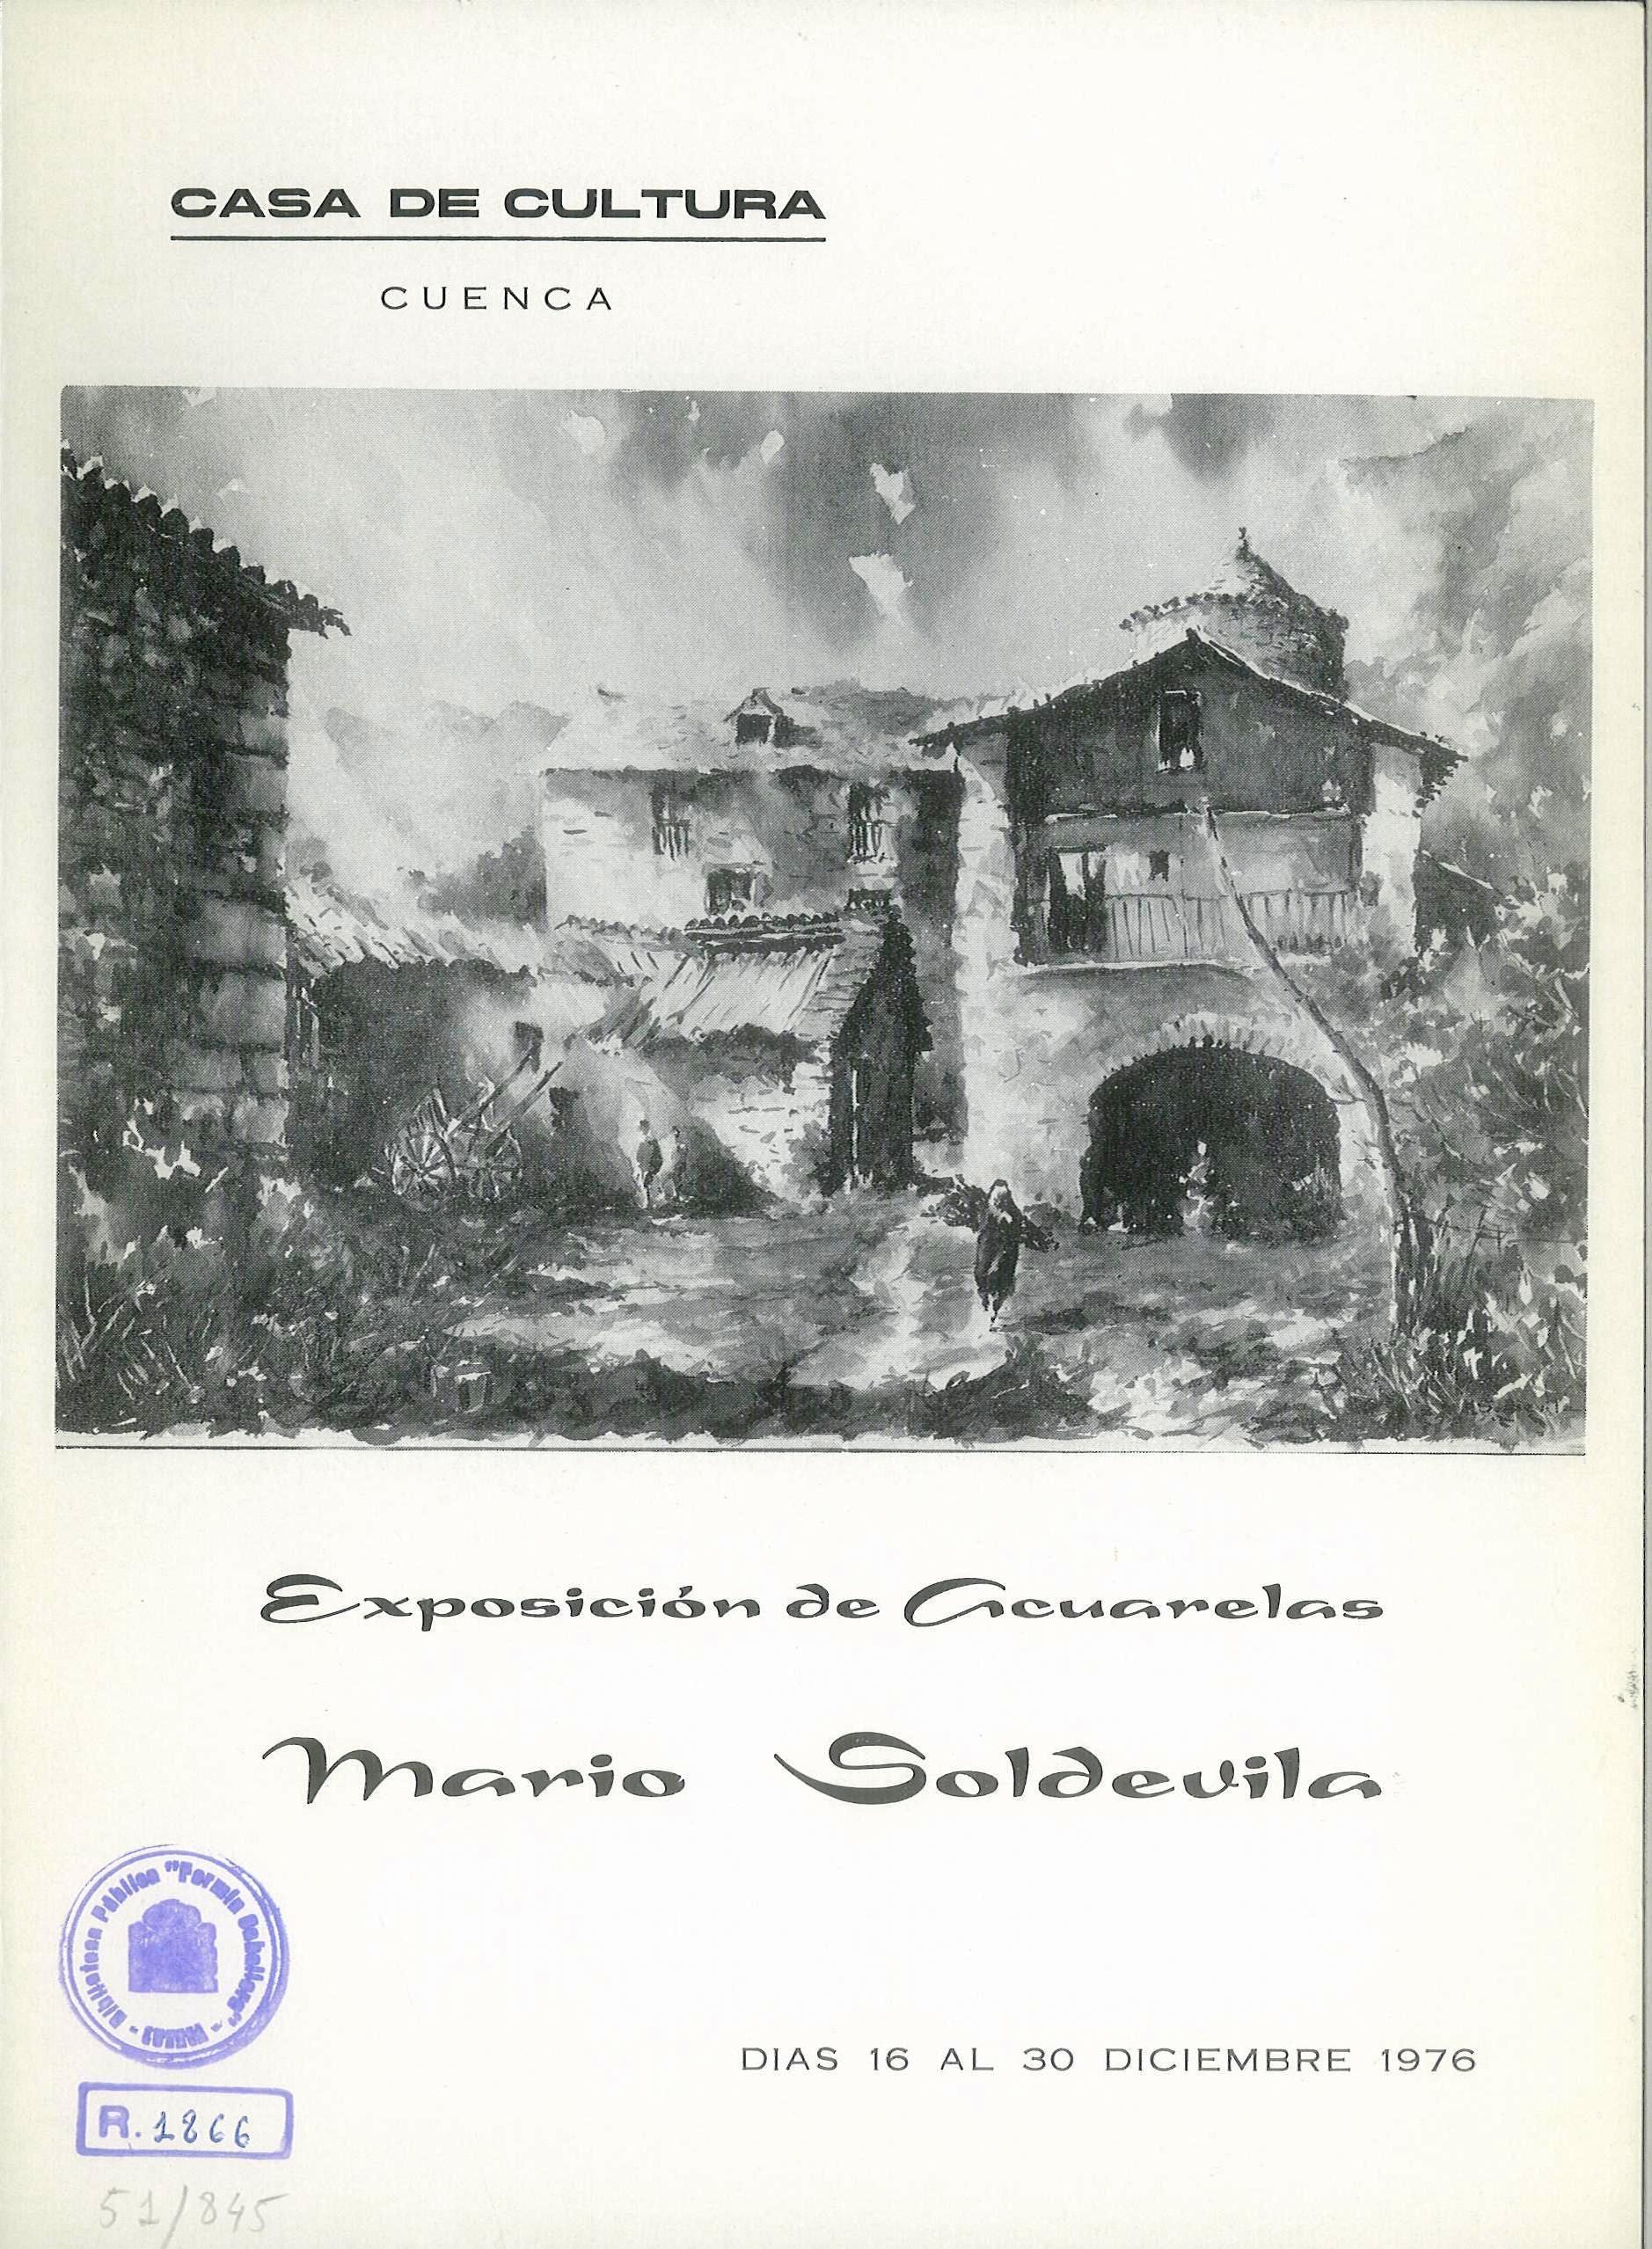 Exposición de acuarelas de Mario Soldevila en la Casa de Cultura de Cuenca Diciembre 1976